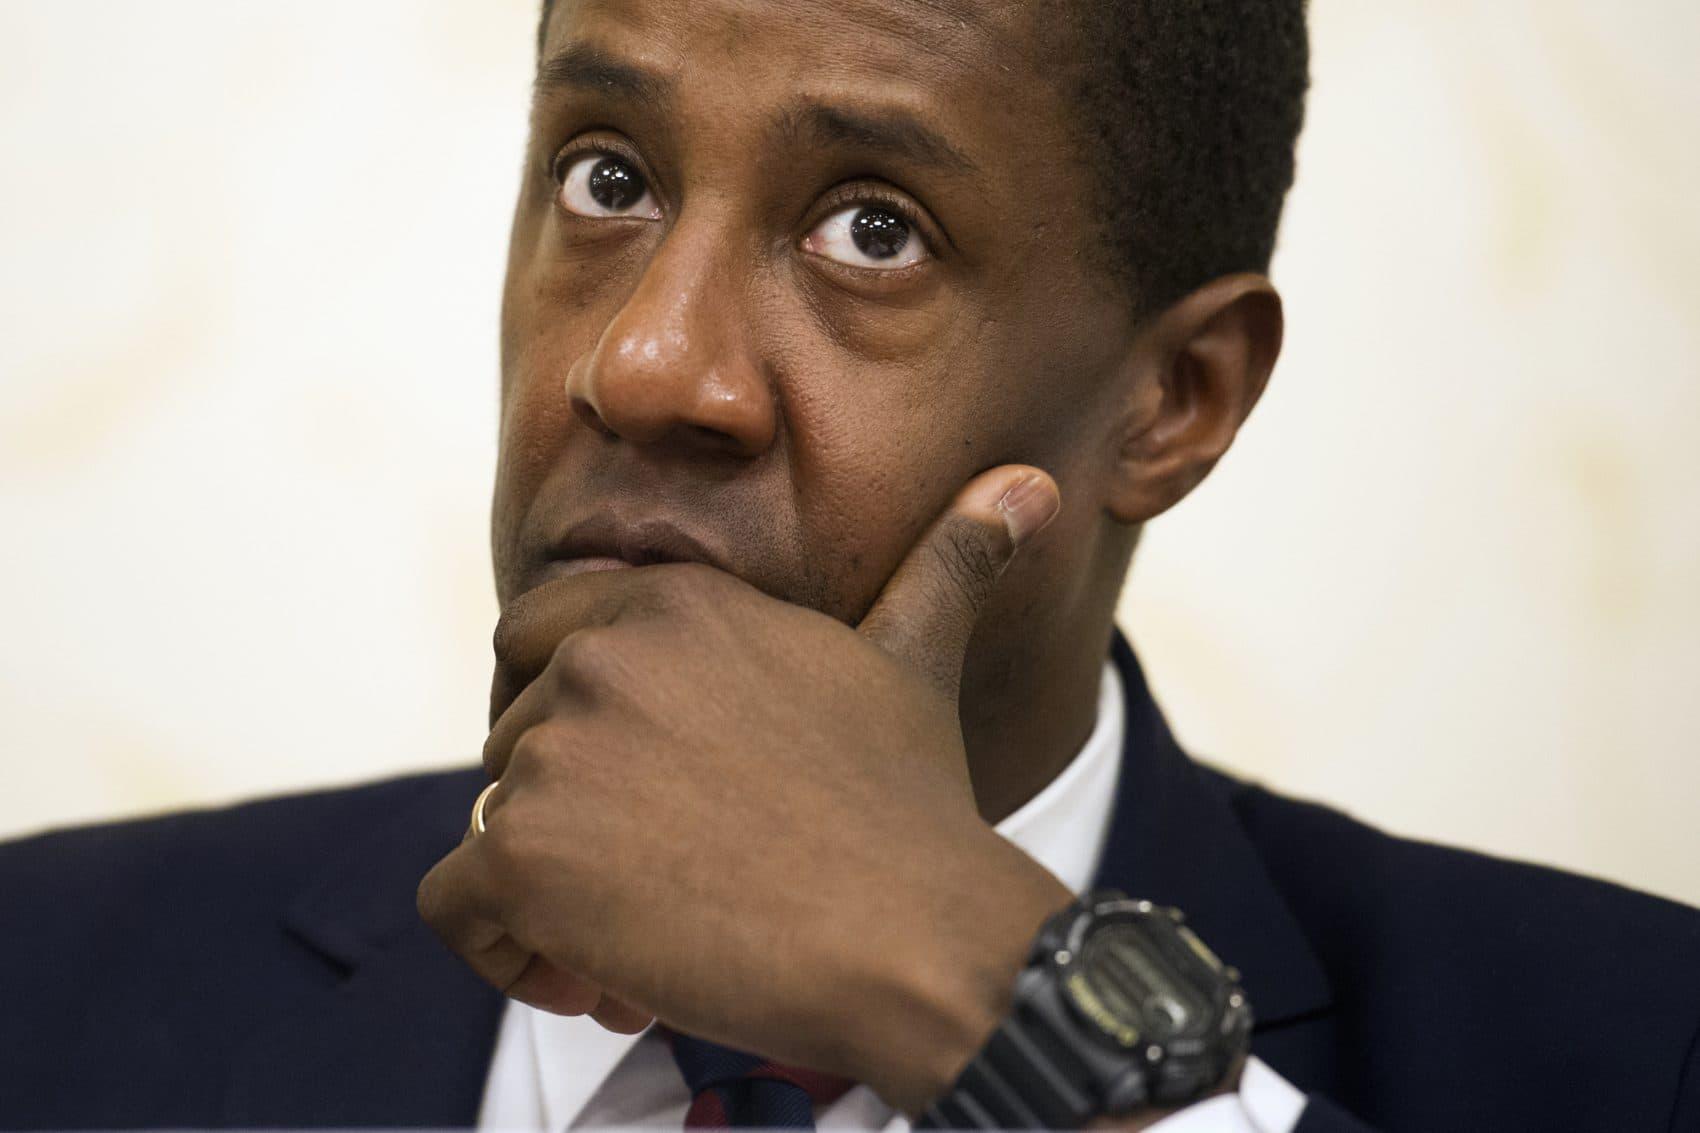 Former Newton Mayor Setti Warren. (Cliff Owen/AP)